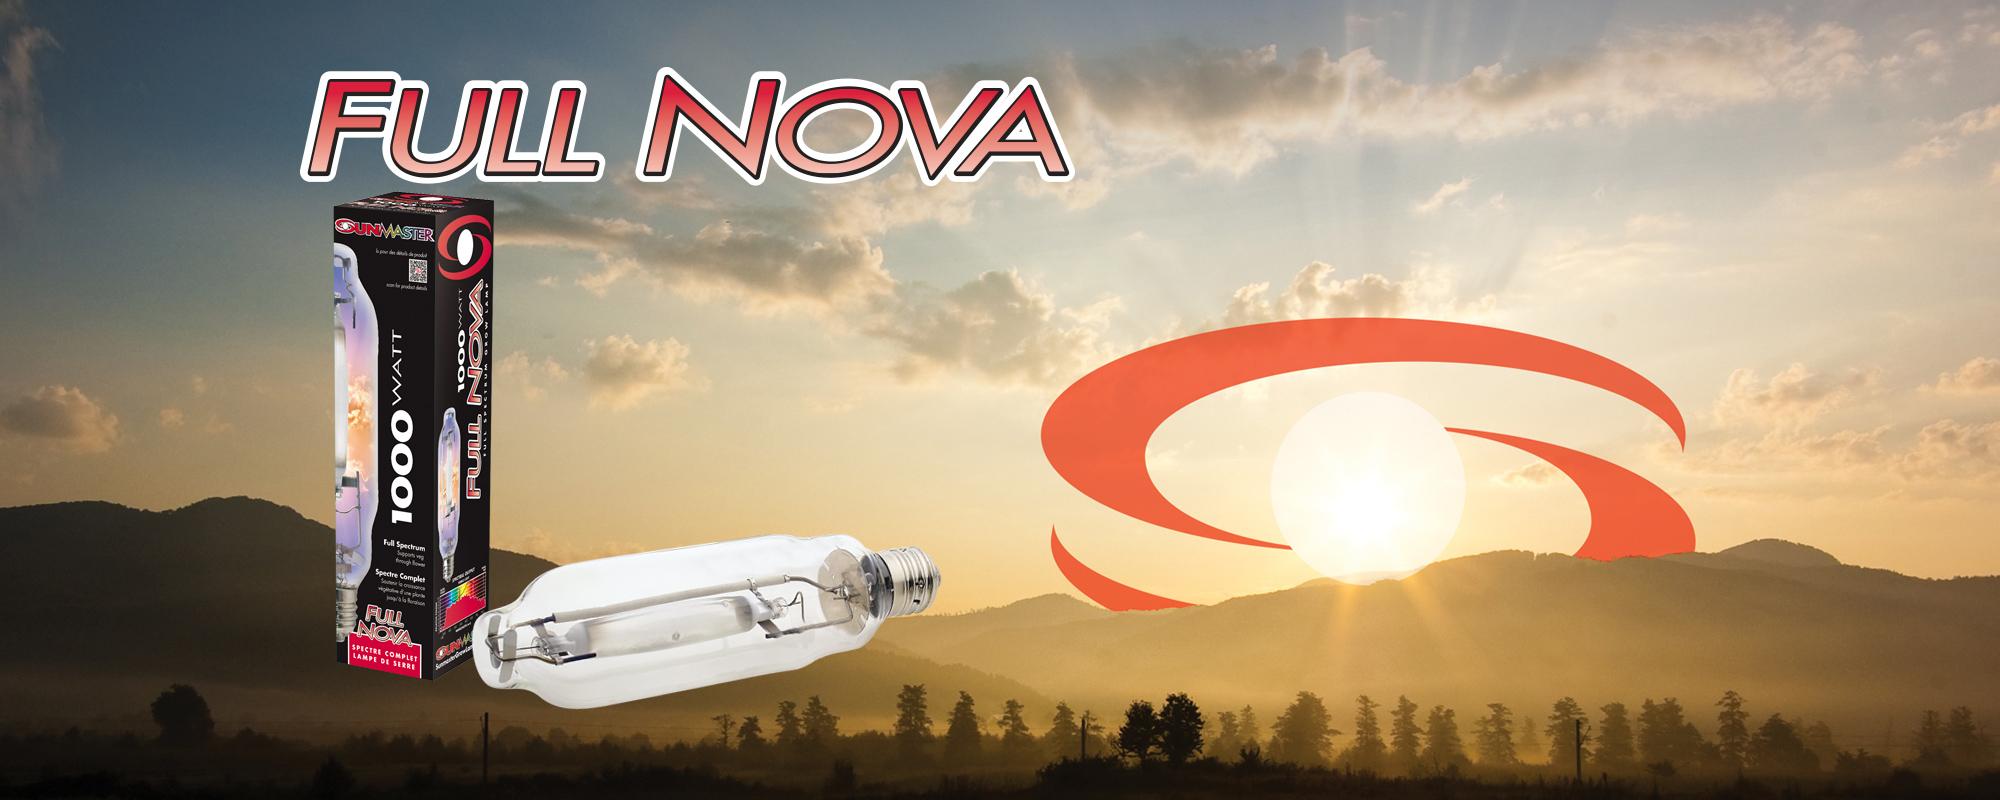 SUNMASTER Full Nova full spectrum grow lamps